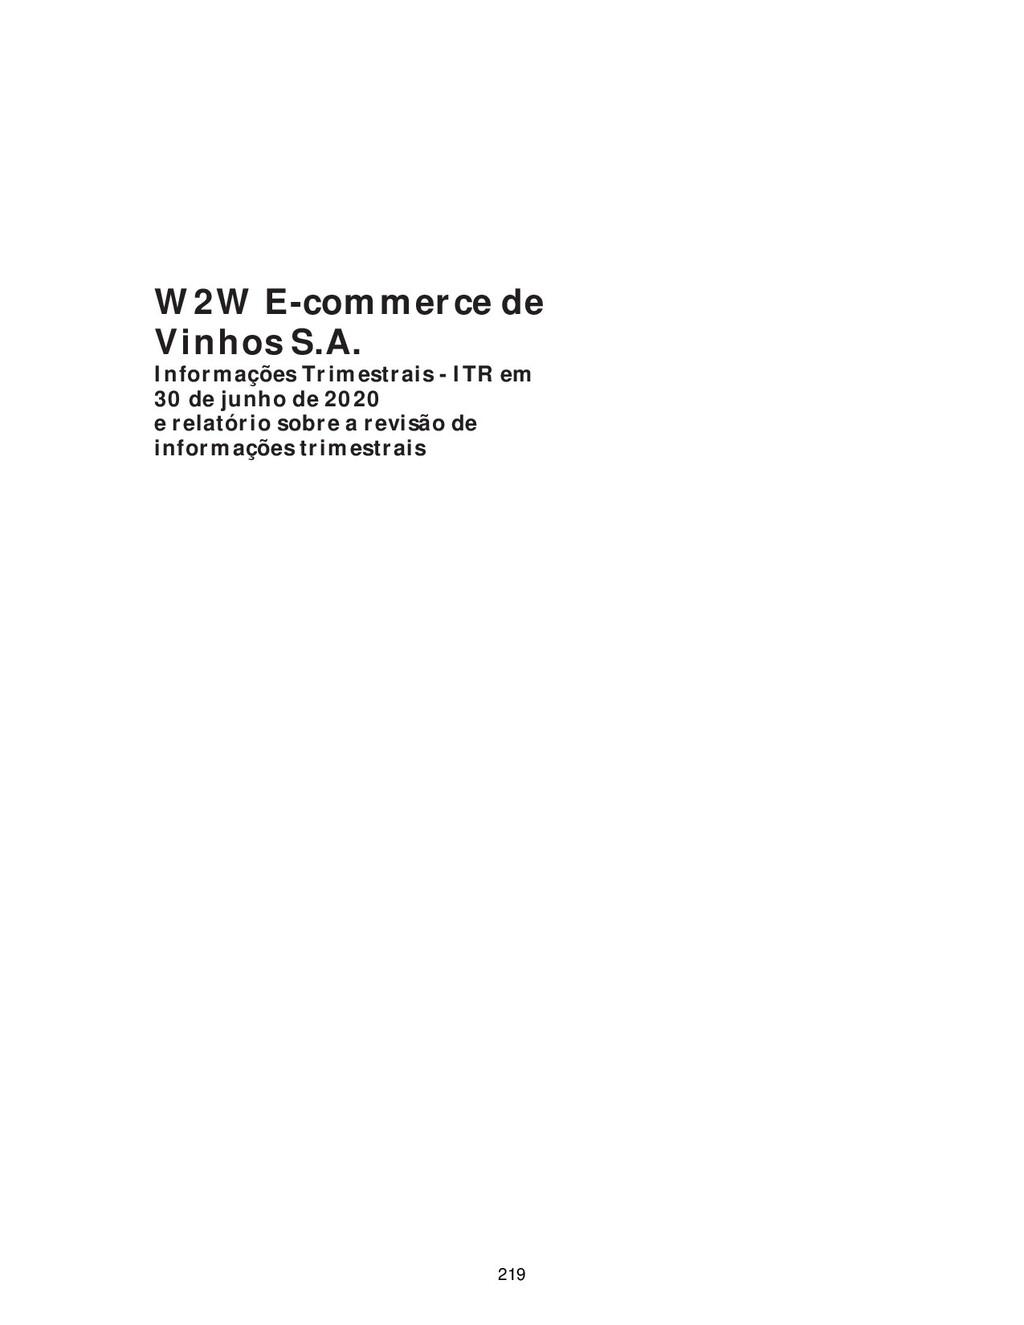 W2W E-commerce de Vinhos S.A. Informações Trime...